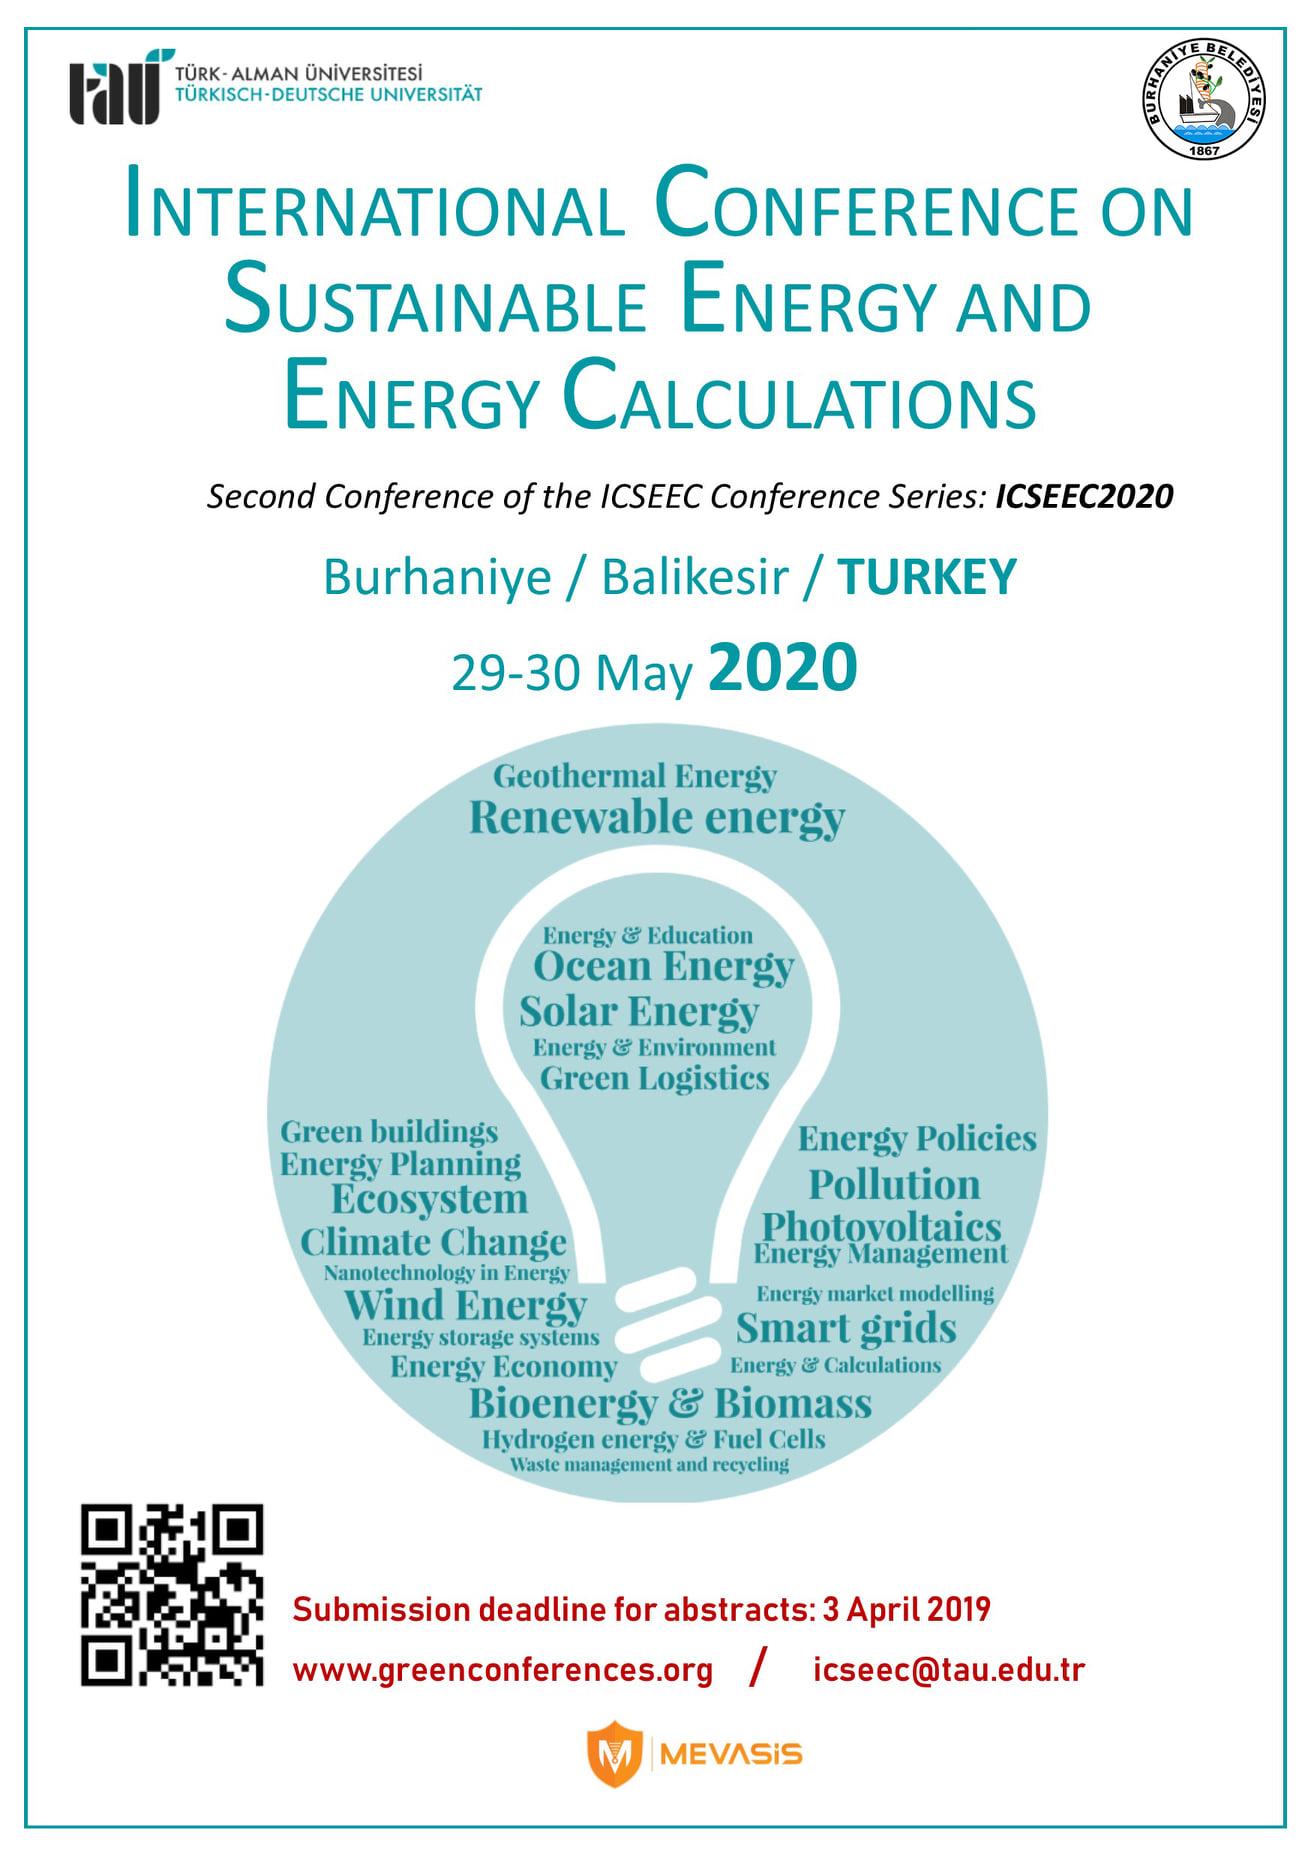 Burhaniye Uluslararası Enerji Konferansına Kapılarını Açıyor